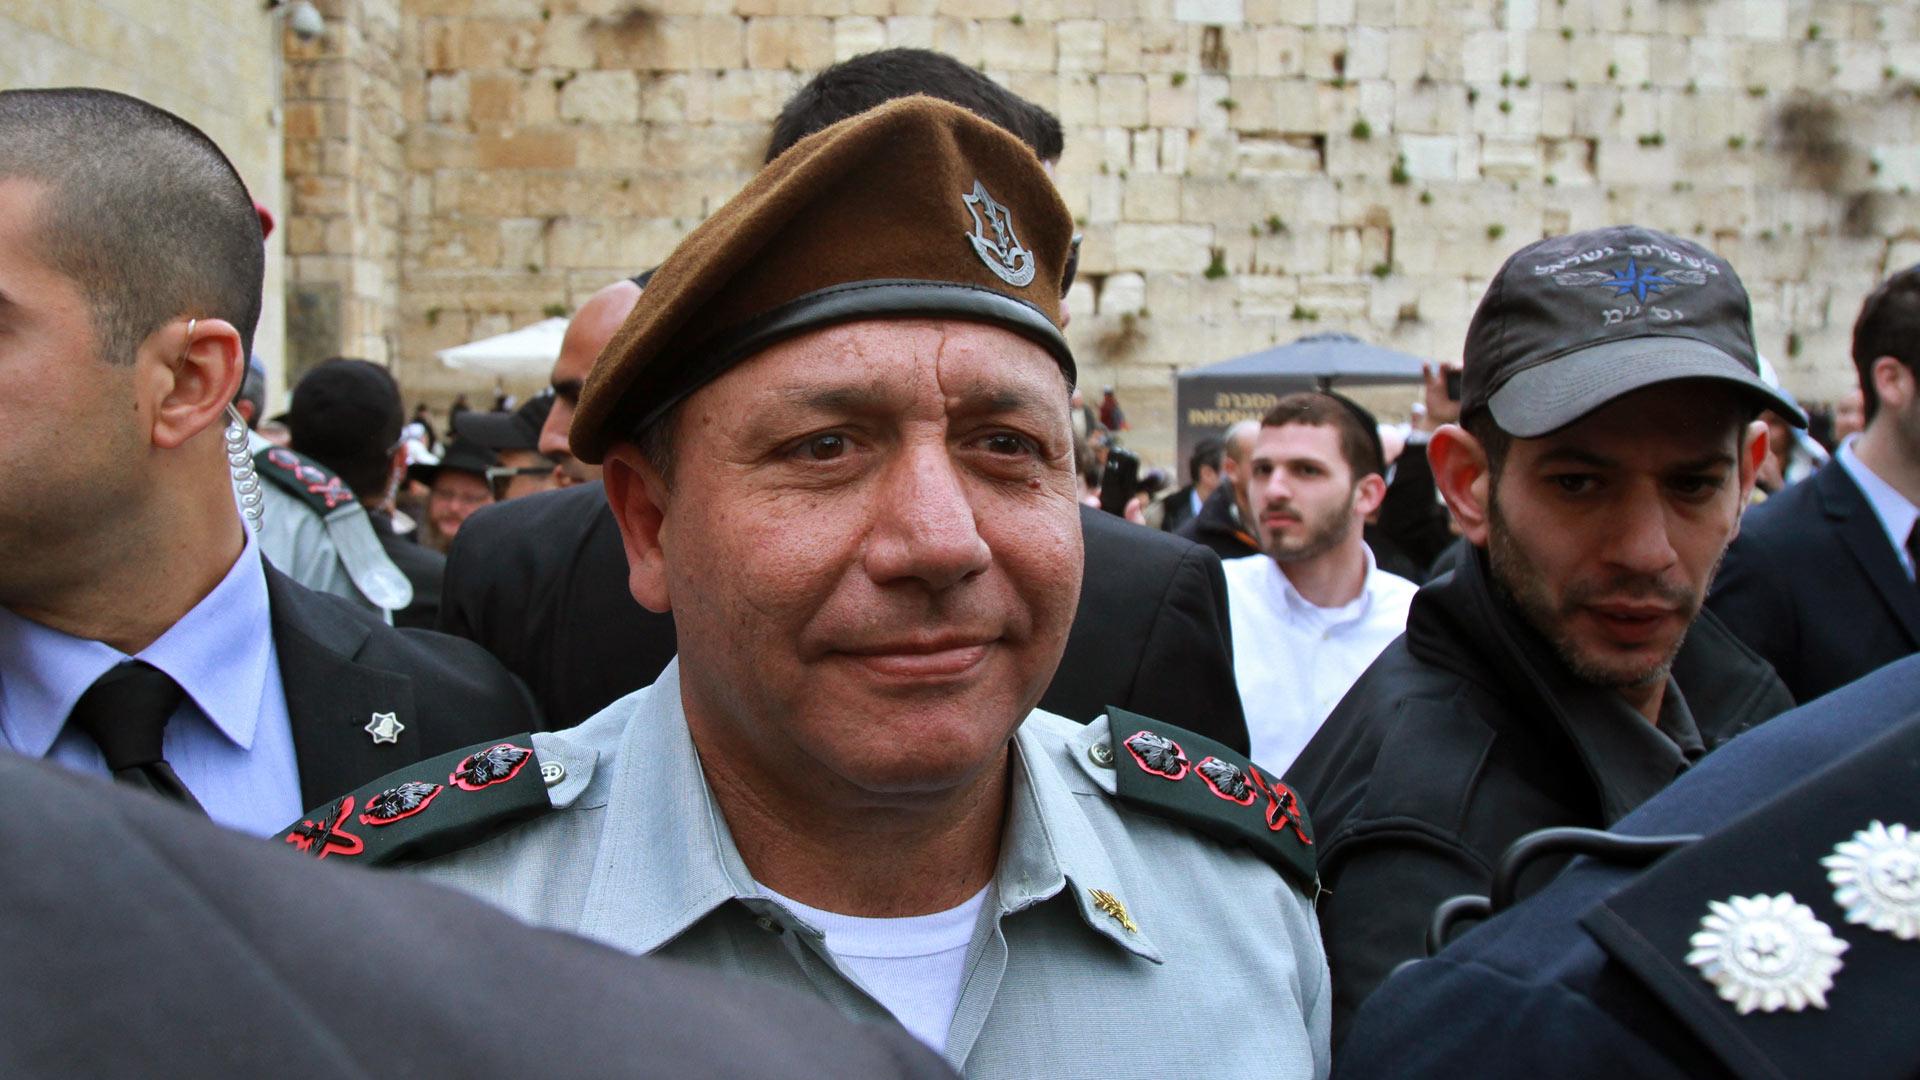 El jefe del Estado mayor israelí asegura que en ocasiones los militares toman decisiones exageradas